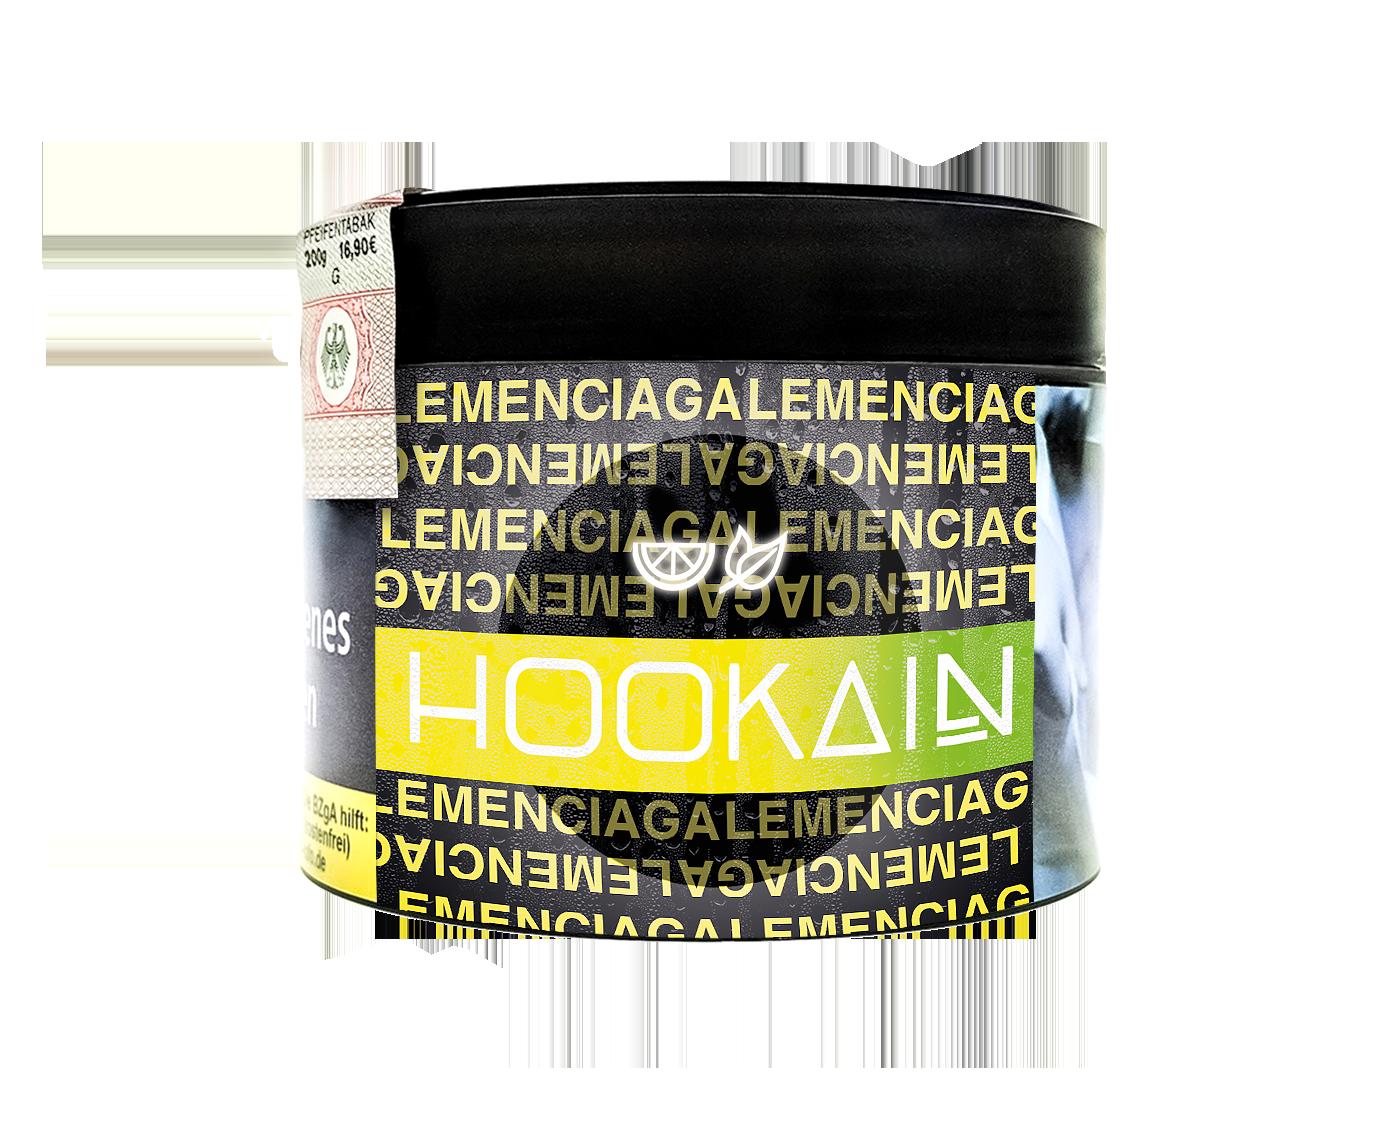 Hookain Tobacco - Lemenciaga 200g